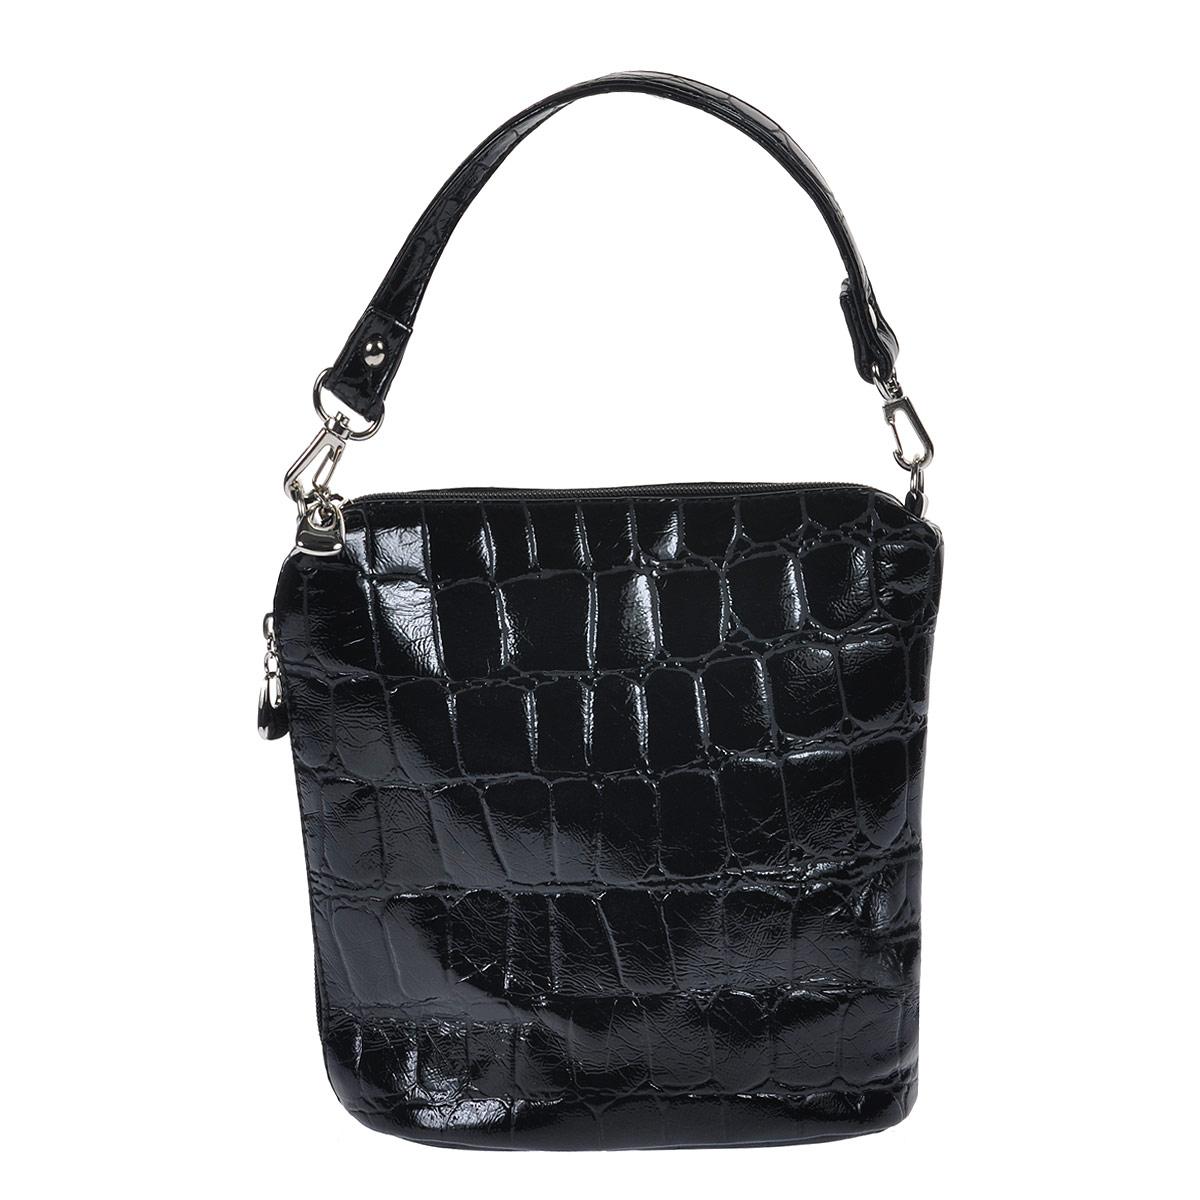 Сумка женская Antan, цвет: черный полуматовый. 9-633 В9-633 В Крокодил полуматовый/черныйЖенская сумка Antan выполнена из искусственной кожи. Сумка состоит из одного отделения, закрывающегося на застежку-молнию. Внутри вшитый карман на молнии. Дополнительно сбоку имеется карман также на застежке-молнии. Сумка имеет два съемных ремешка разной длины. Сумка - это стильный аксессуар, который подчеркнет вашу изысканность и индивидуальность и сделает ваш образ завершенным. Размер сумки: 23 см х 21 см х 10 см.